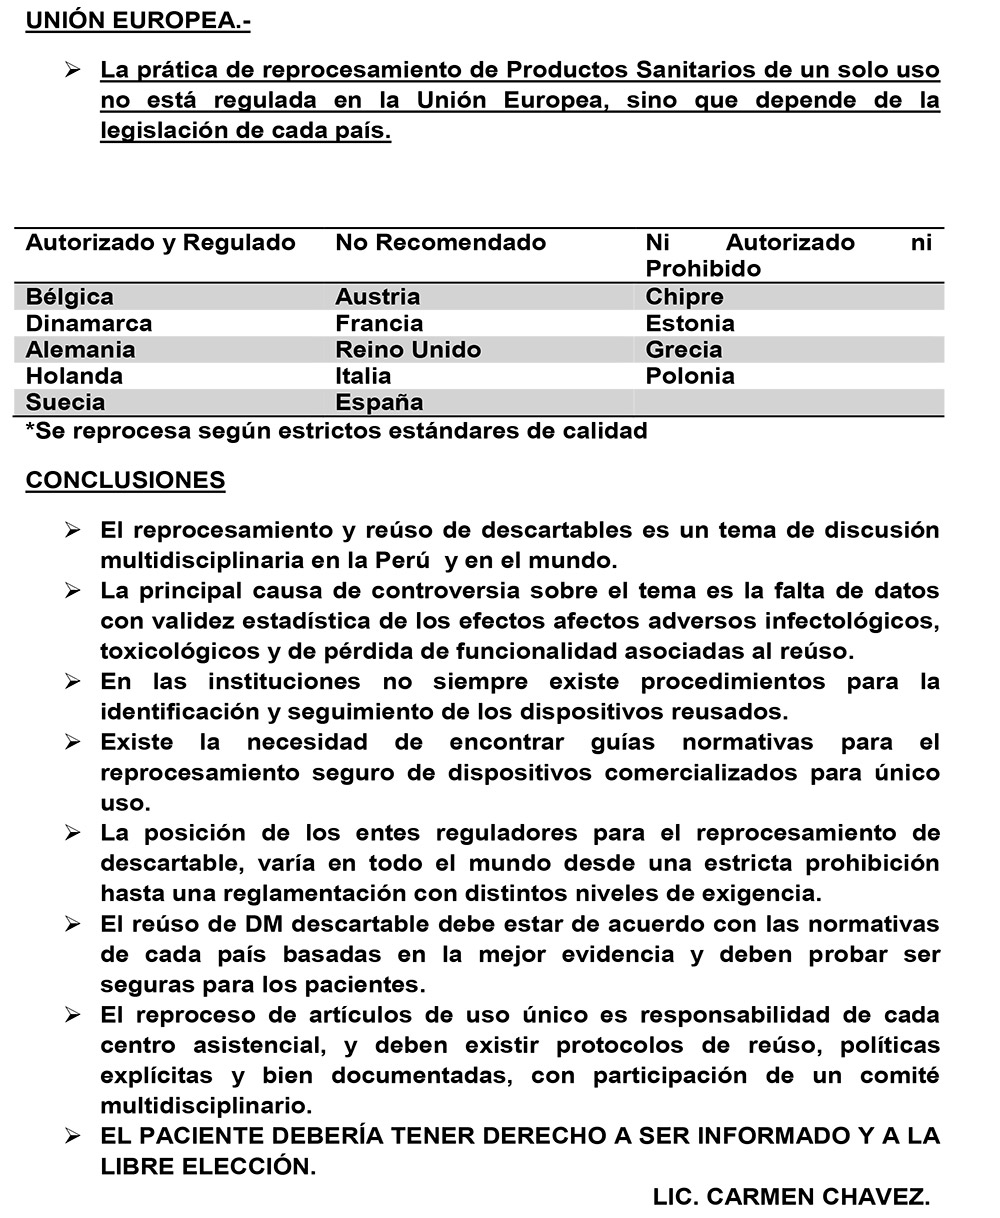 i_encuentro_cientifico_1016-5